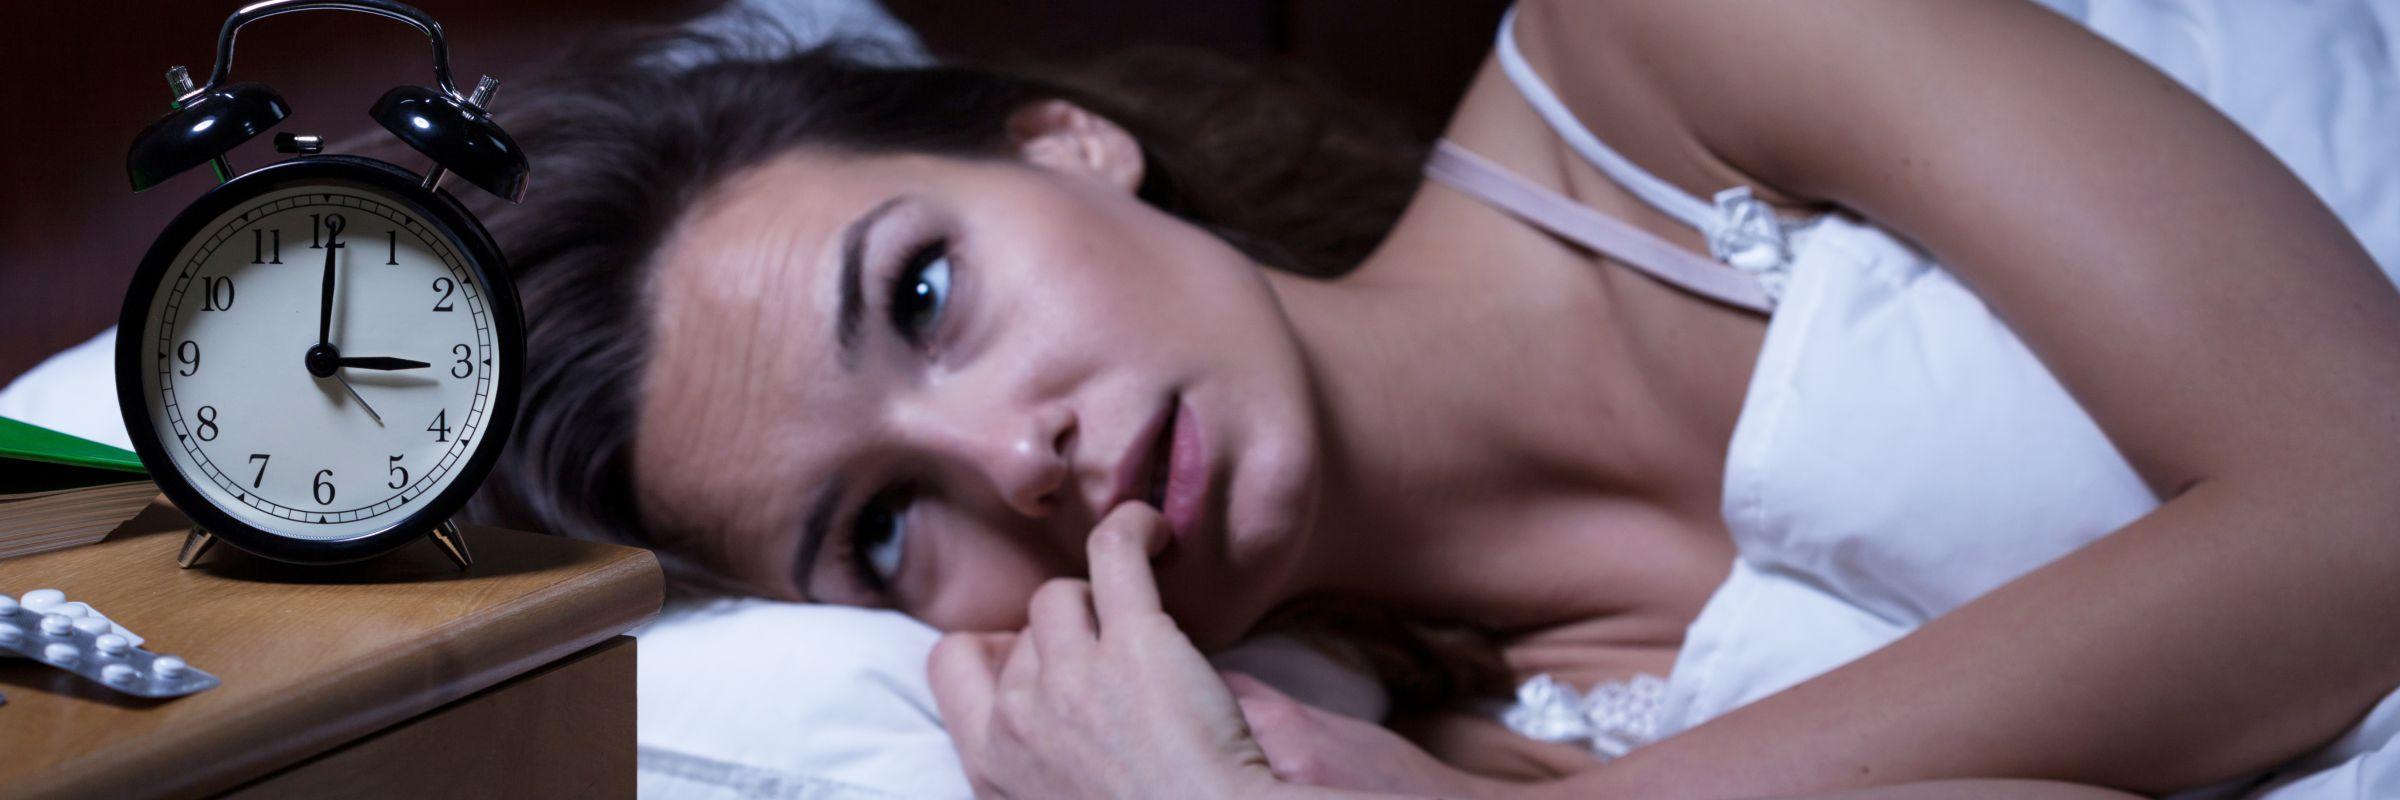 Nesanica, glavobolja, napetost, menopauza